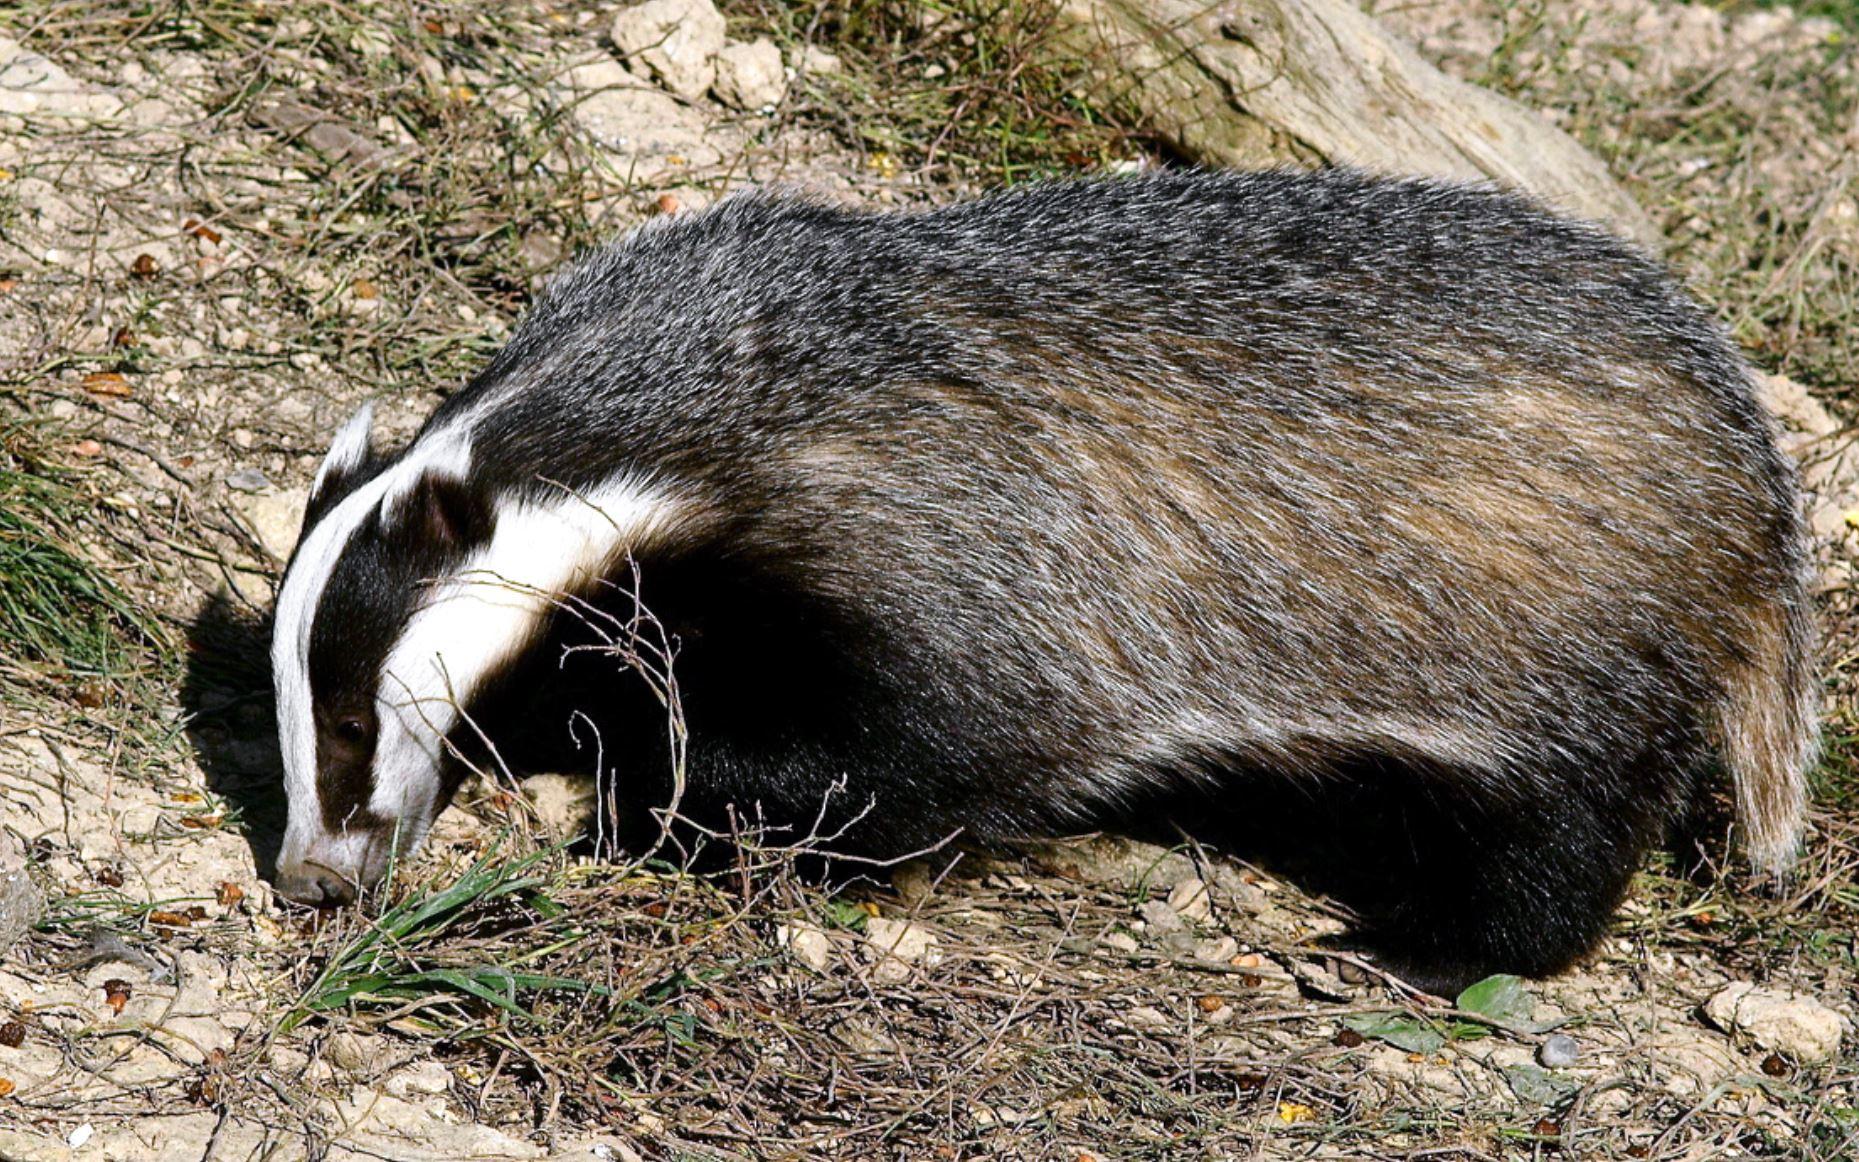 blaireau; badger